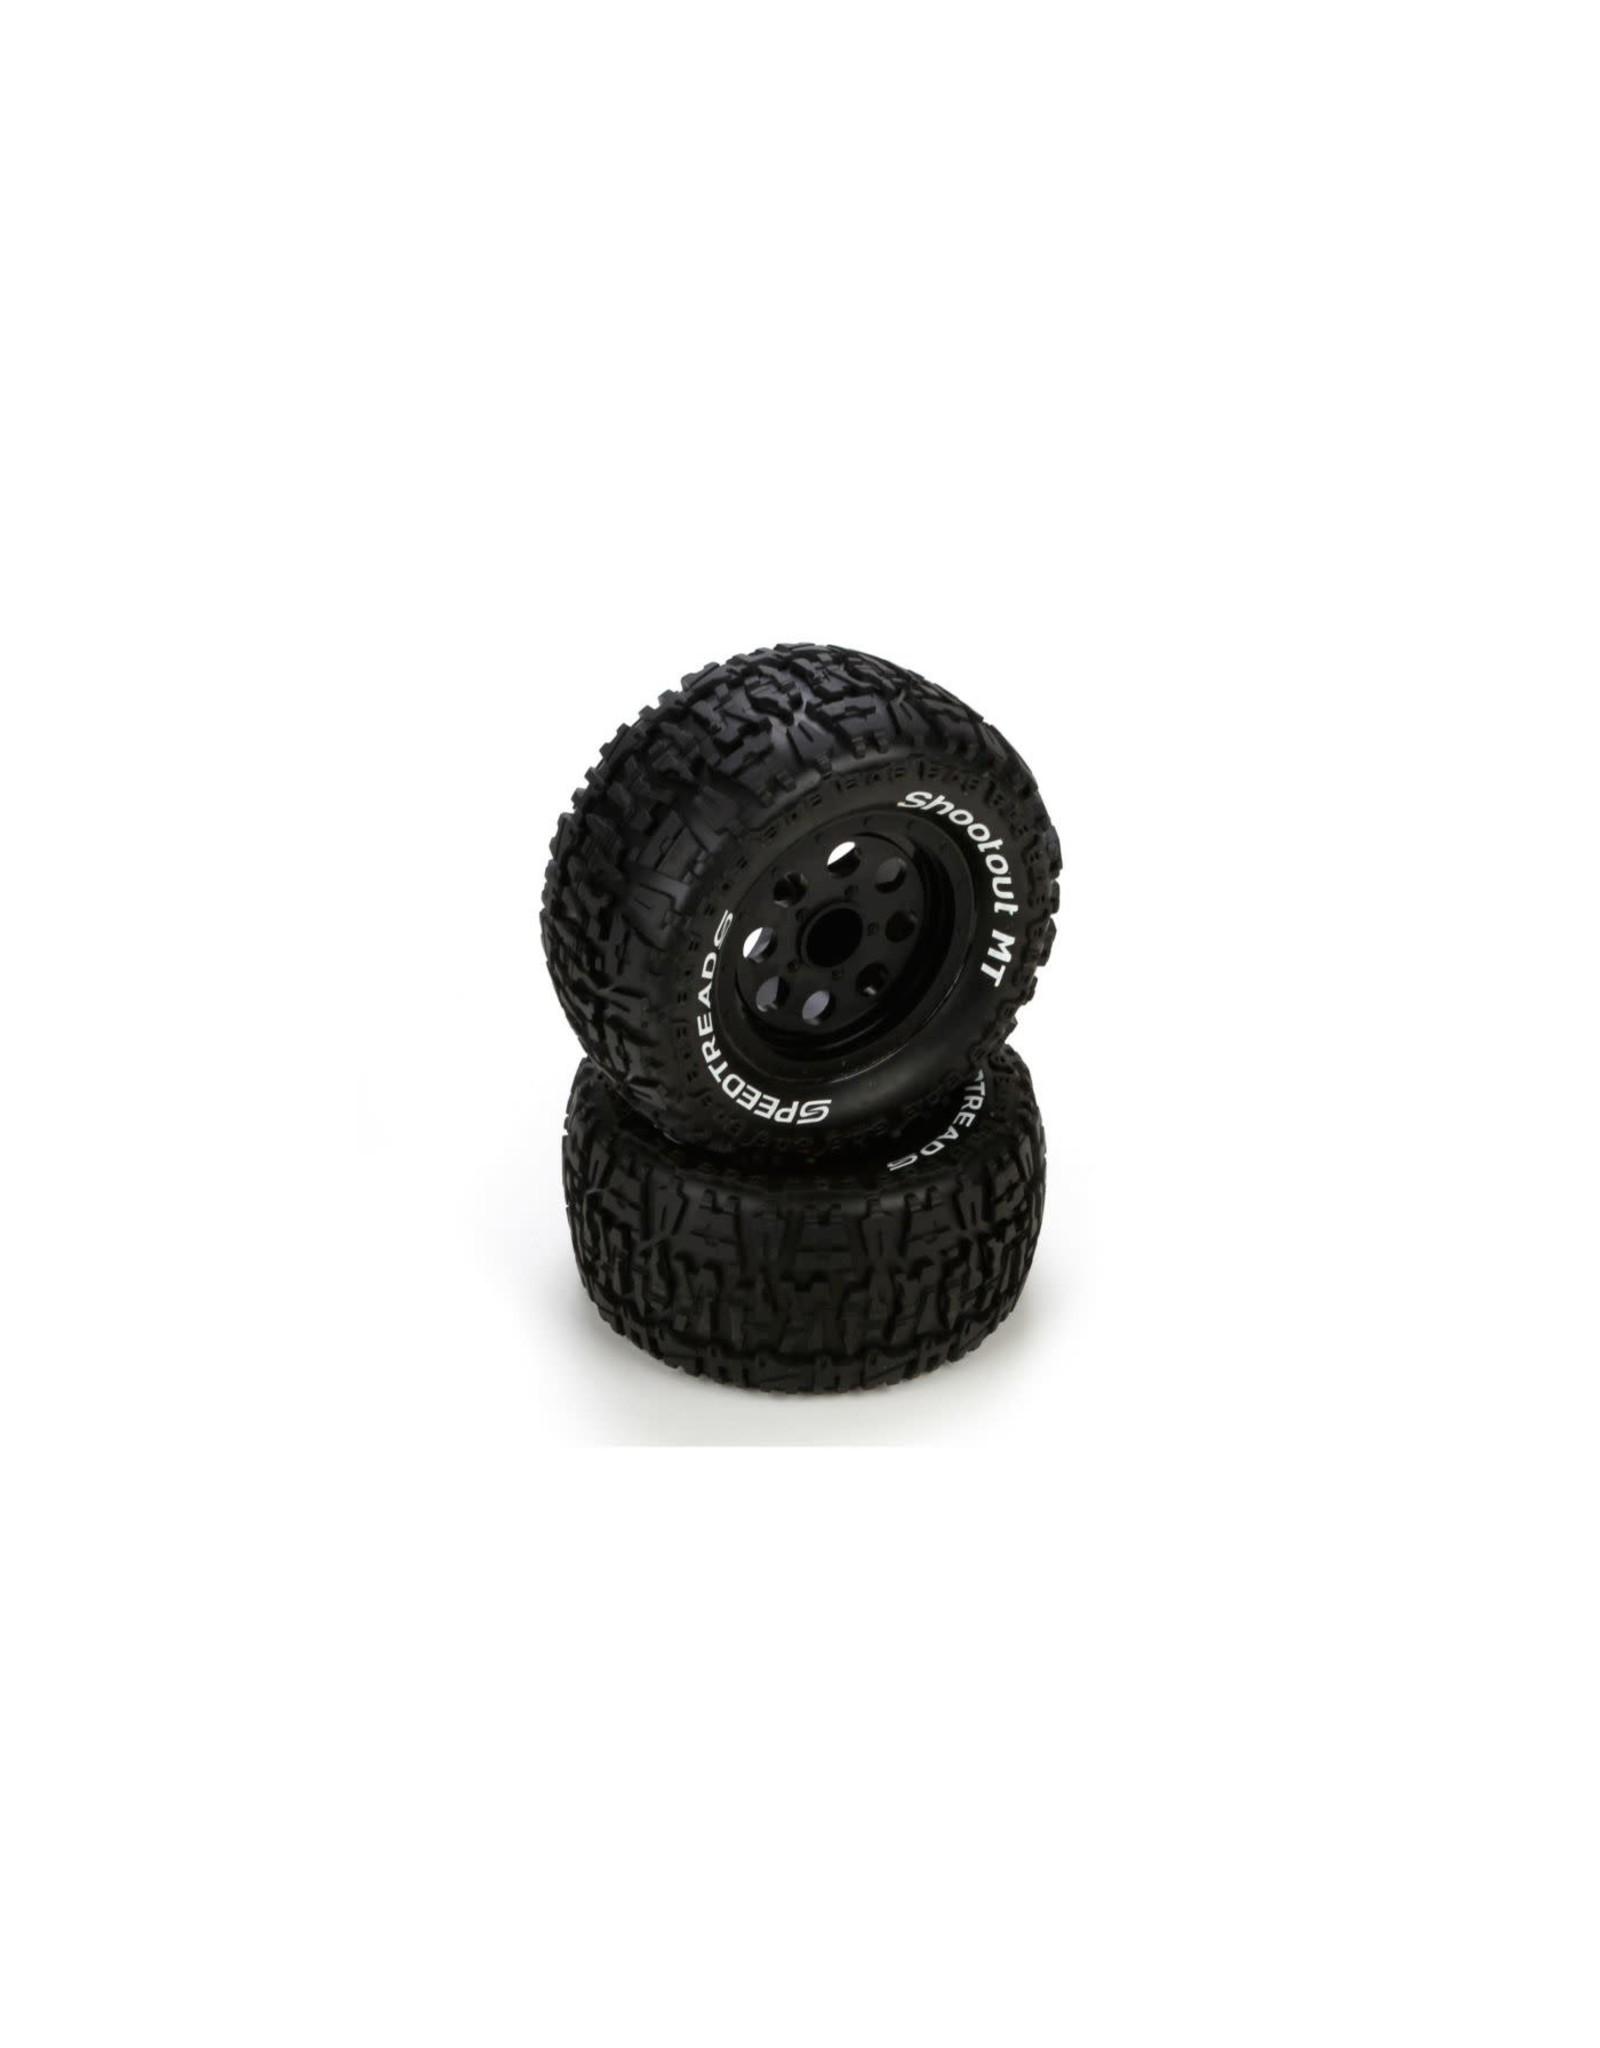 ECX ECx 43008 F/R Tire Prmnt, Blk(2) 1 10 2wd/4wd Ruckus